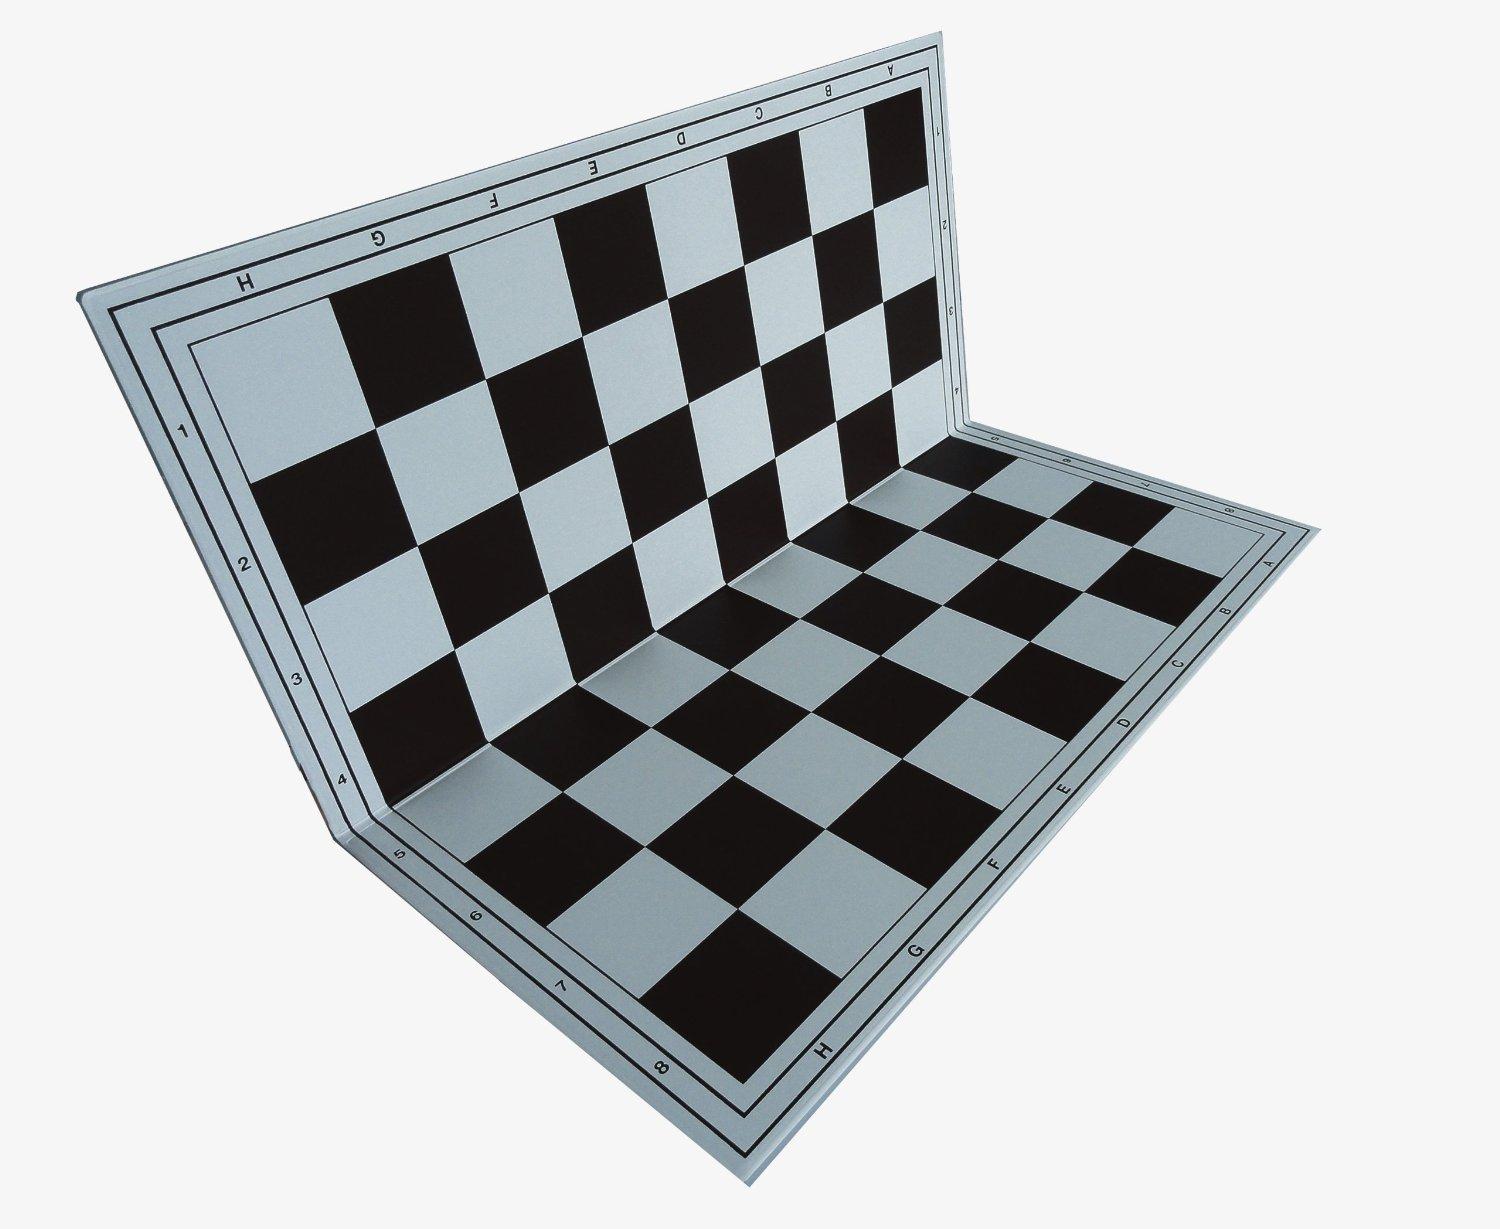 schach queen E110 Chess Boards Field Size 57 Mm,Klappbar, Black and White EuroChessInternational GmbH & Co. KG schach queen_E110